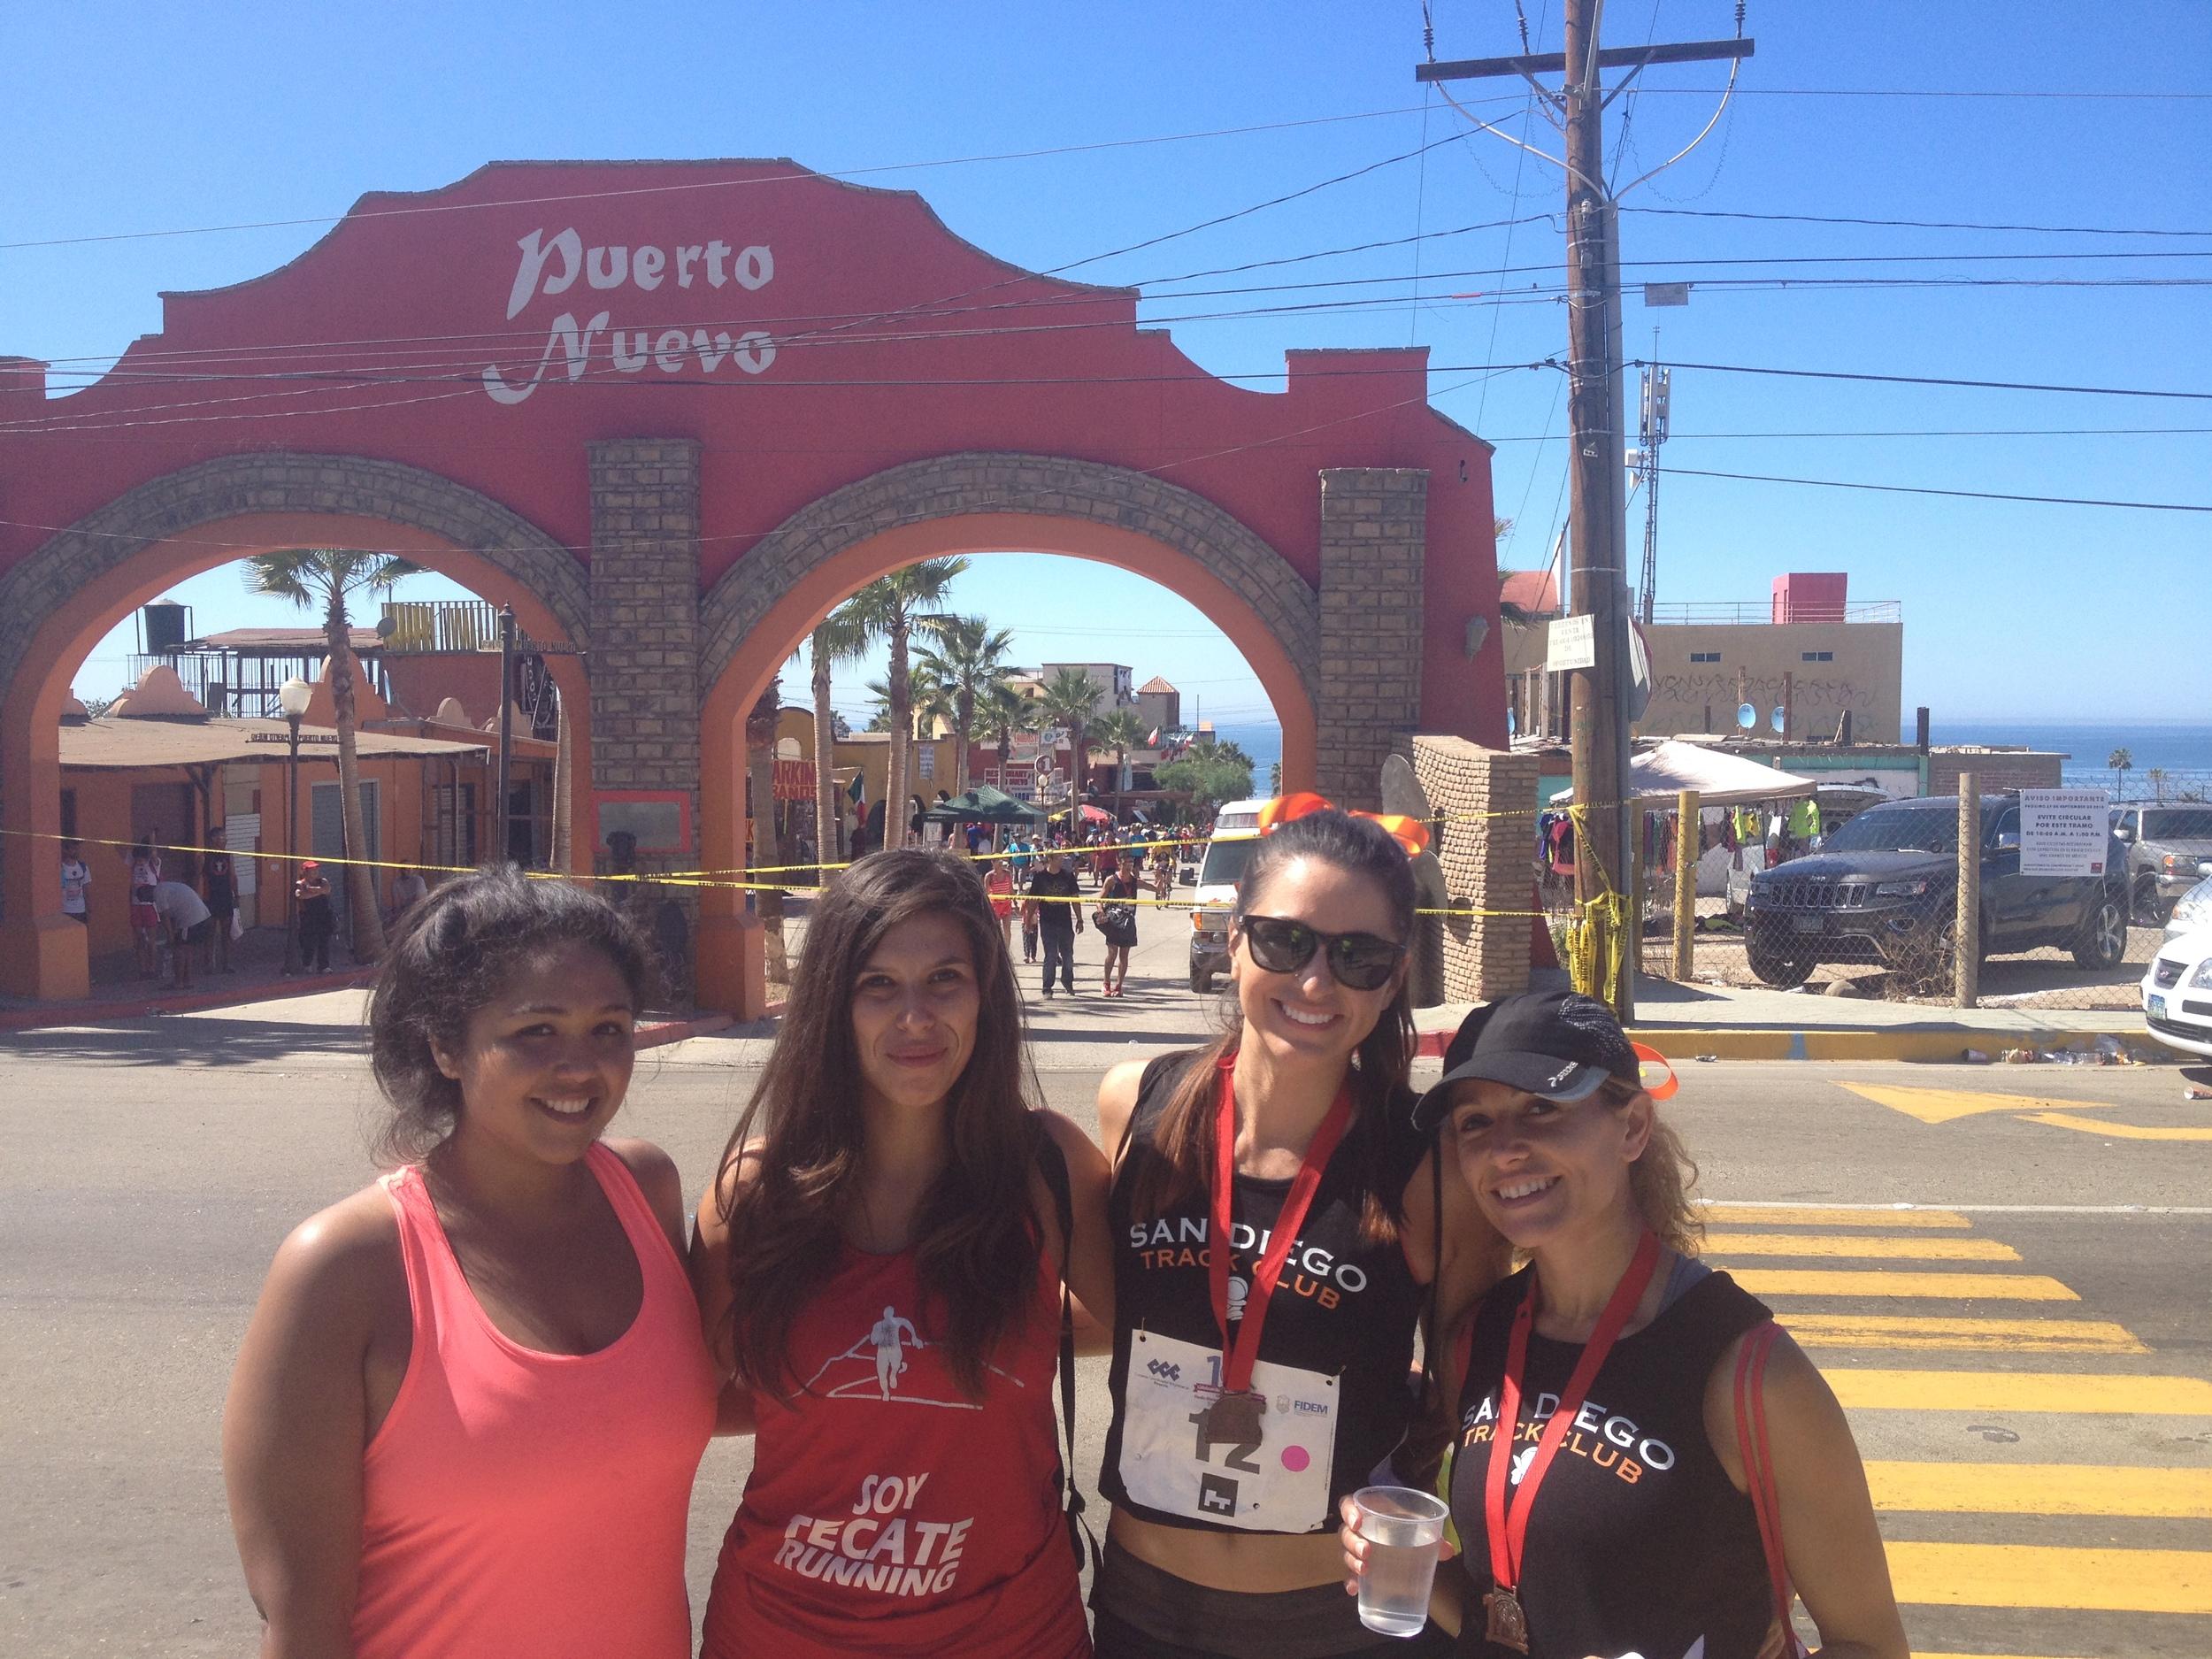 Rosarito- Puerto Nuevo Half Marathon (just so you know the road to Puerto Nuevo is NOT downhill...)